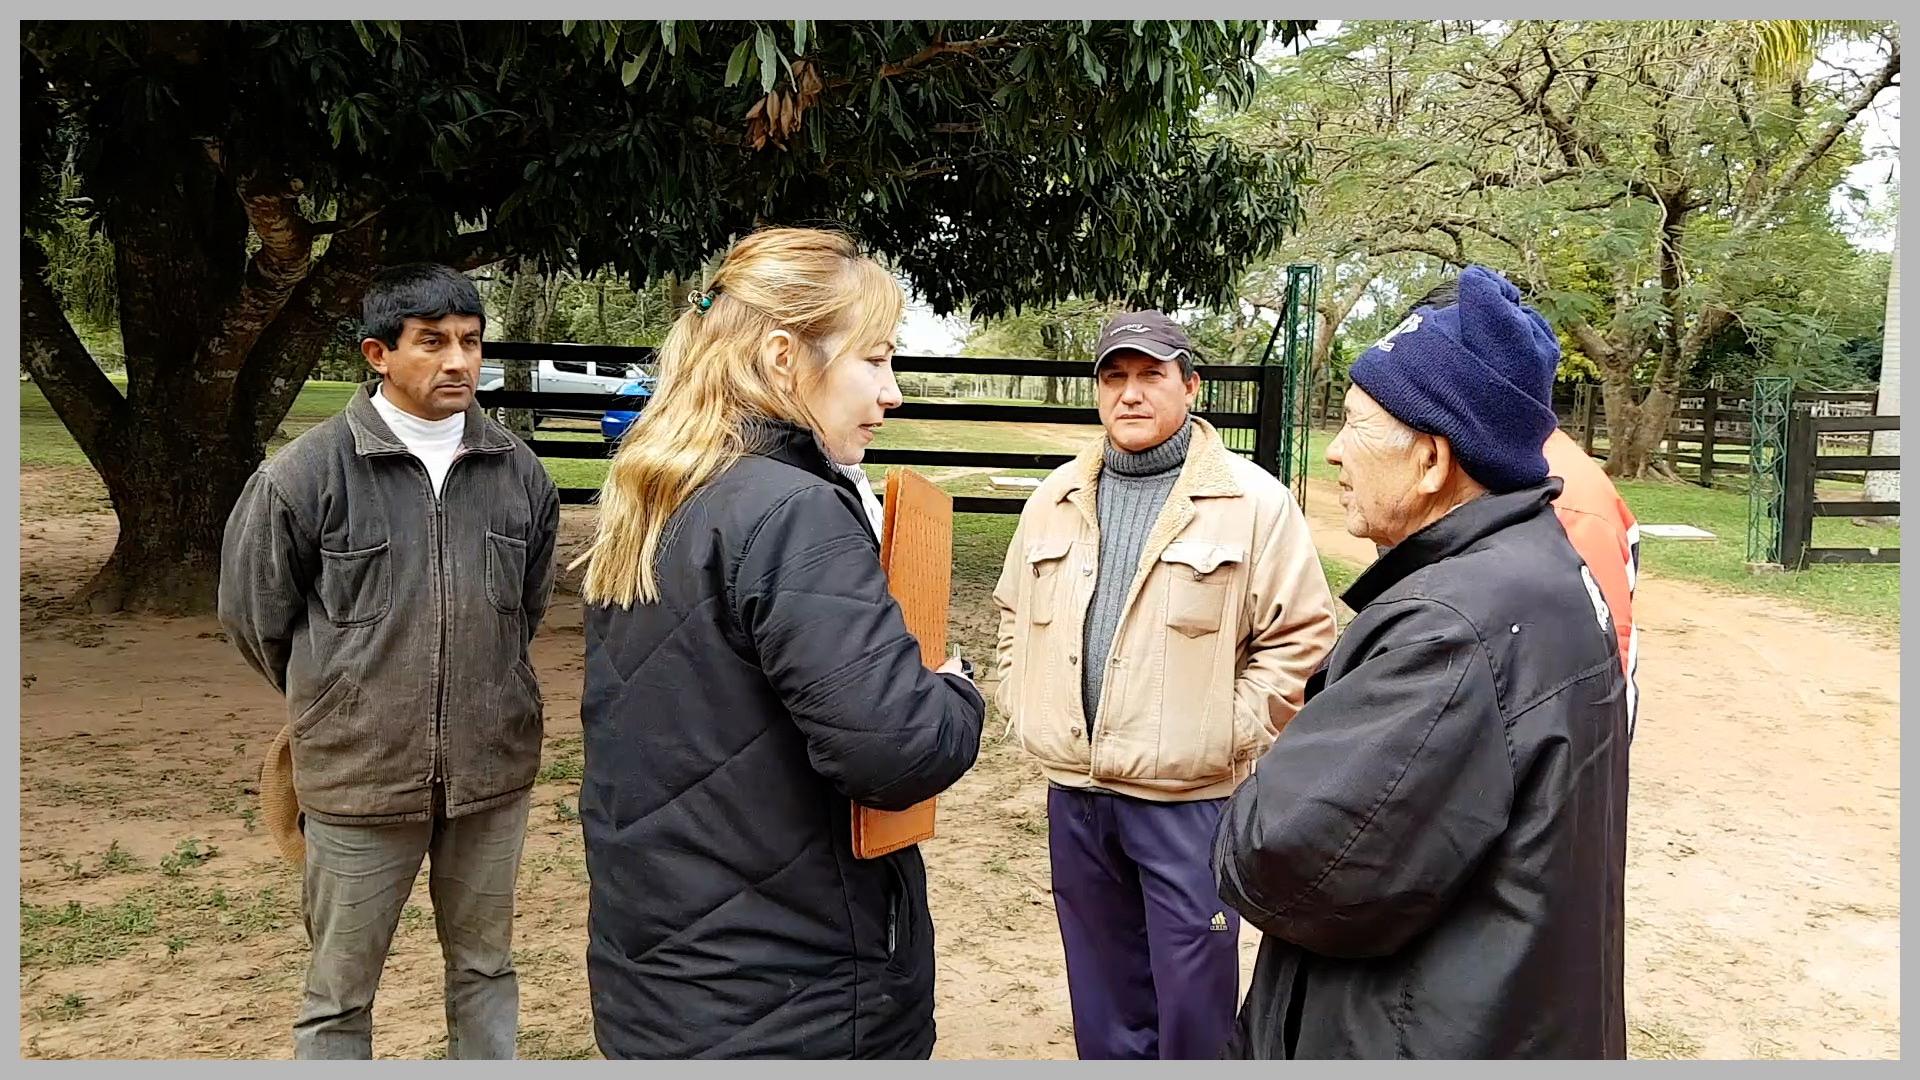 RA Dr. Benny Sanabria mit den geladenen Zeugen, Nachbarn